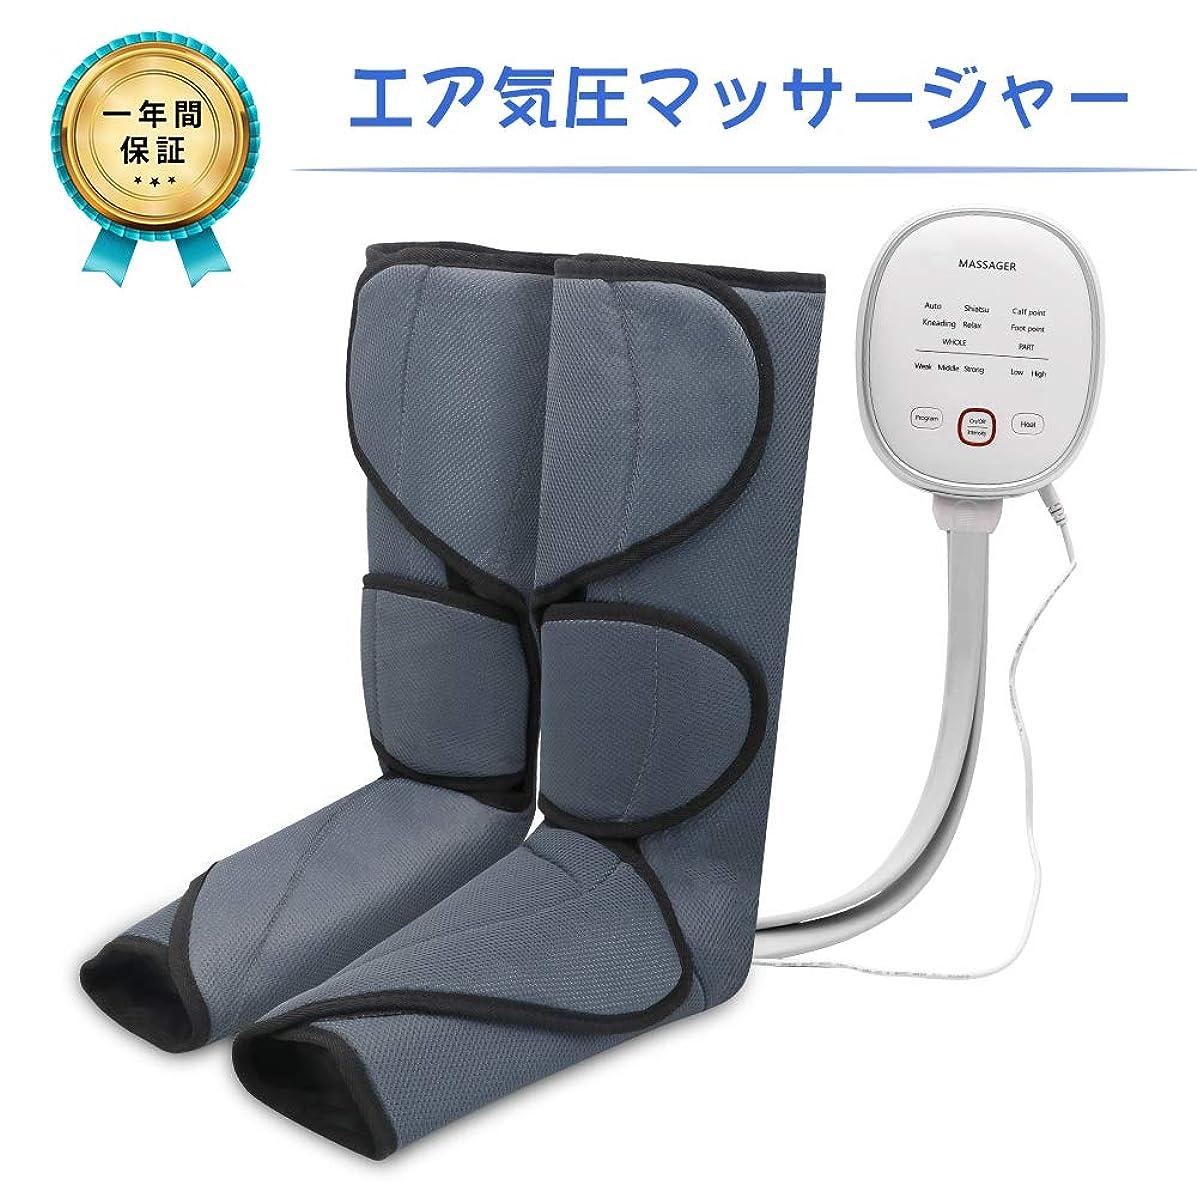 褒賞ローププレミアフットマッサージャー エアーマッサージャー フット循環マッサージ 温感機能搭載 ストレス解消 神経痛·筋肉痛·疲労緩和 血行促進 家庭用 空気圧縮 フットケア 6つのモード 強さ調節可能 リモコン付き 一年品質保証 日本語説明書付き